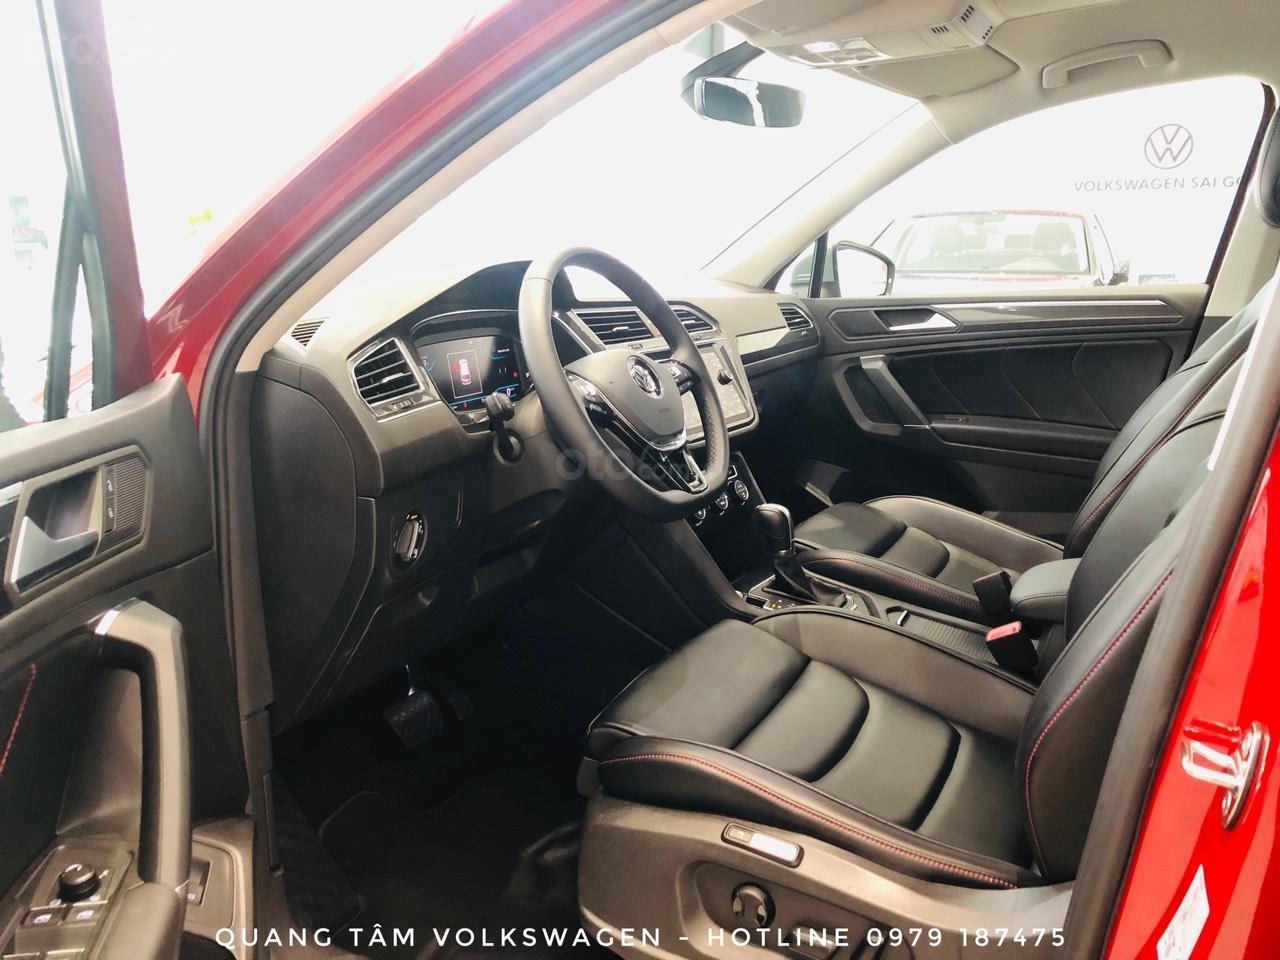 Volkswagen Tiguan Luxury đỏ ruby may mắn, ưu đãi khủng + giao ngay (9)